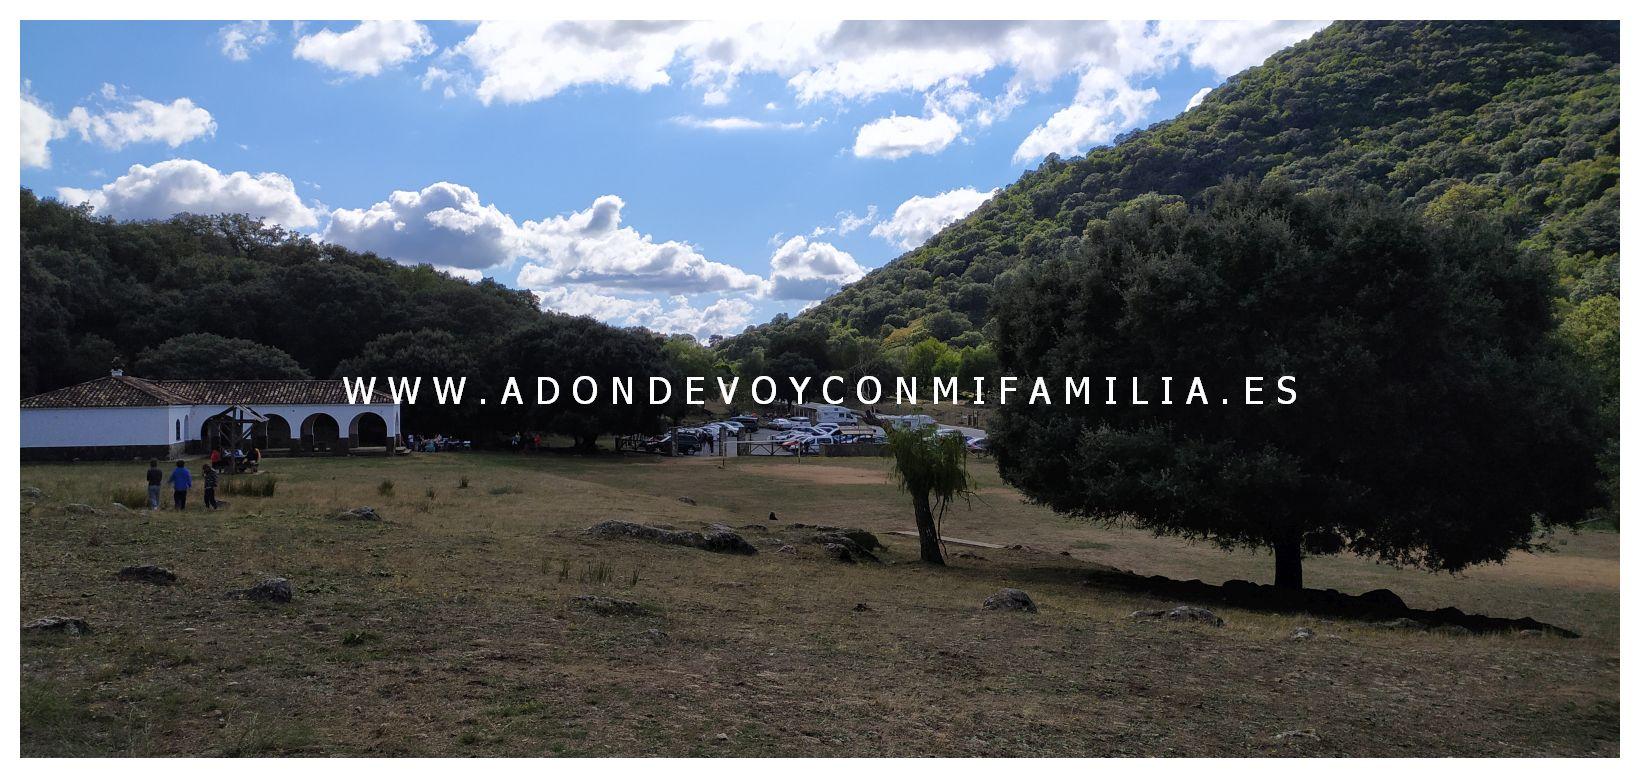 area recreativa los llanos del campo adondevoyconmifamilia 13